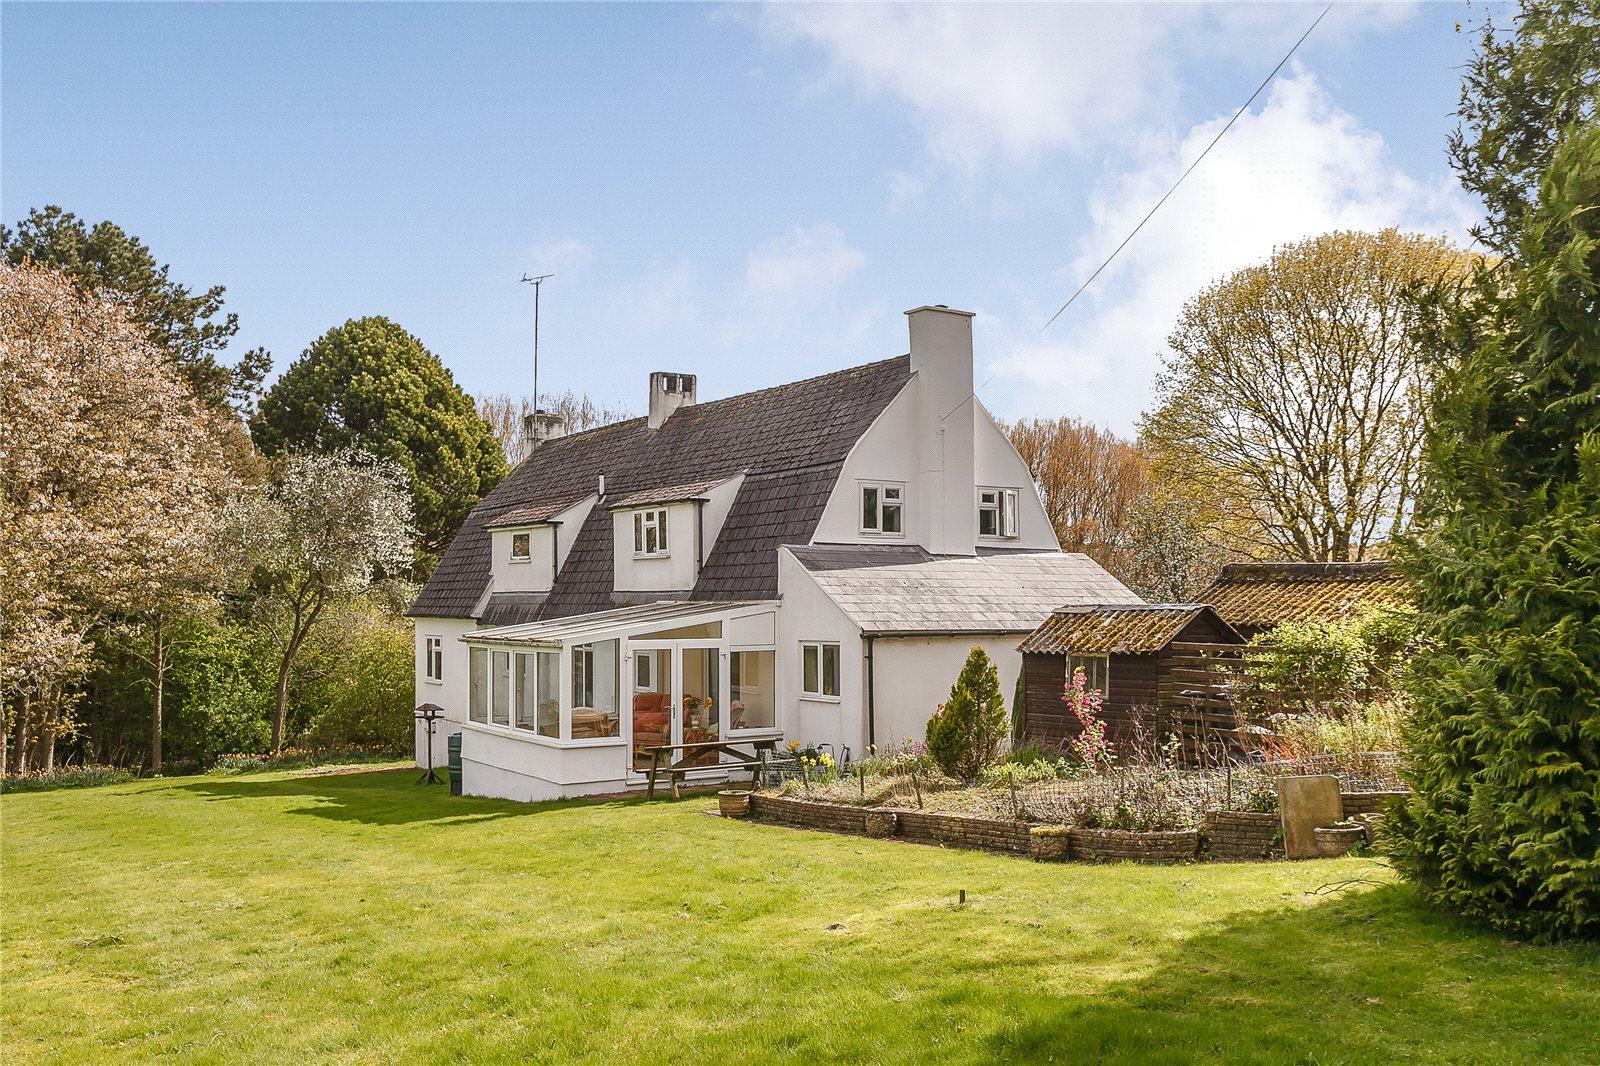 Tek Ailelik Ev için Satış at Perrotts Brook, Cirencester, Gloucestershire, GL7 Cirencester, Ingiltere